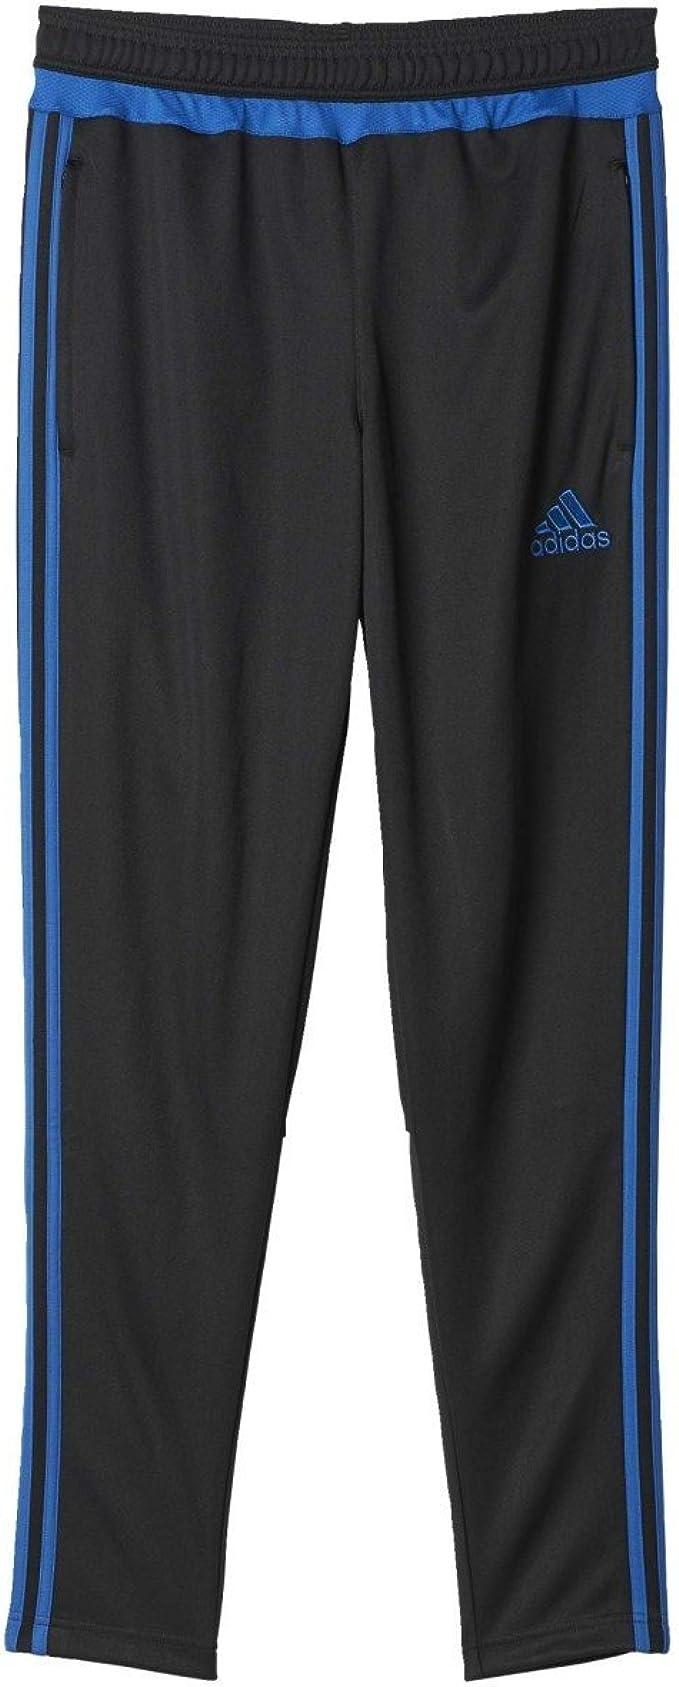 adidas - Pantalones de chándal para Hombre: Amazon.es: Ropa y ...